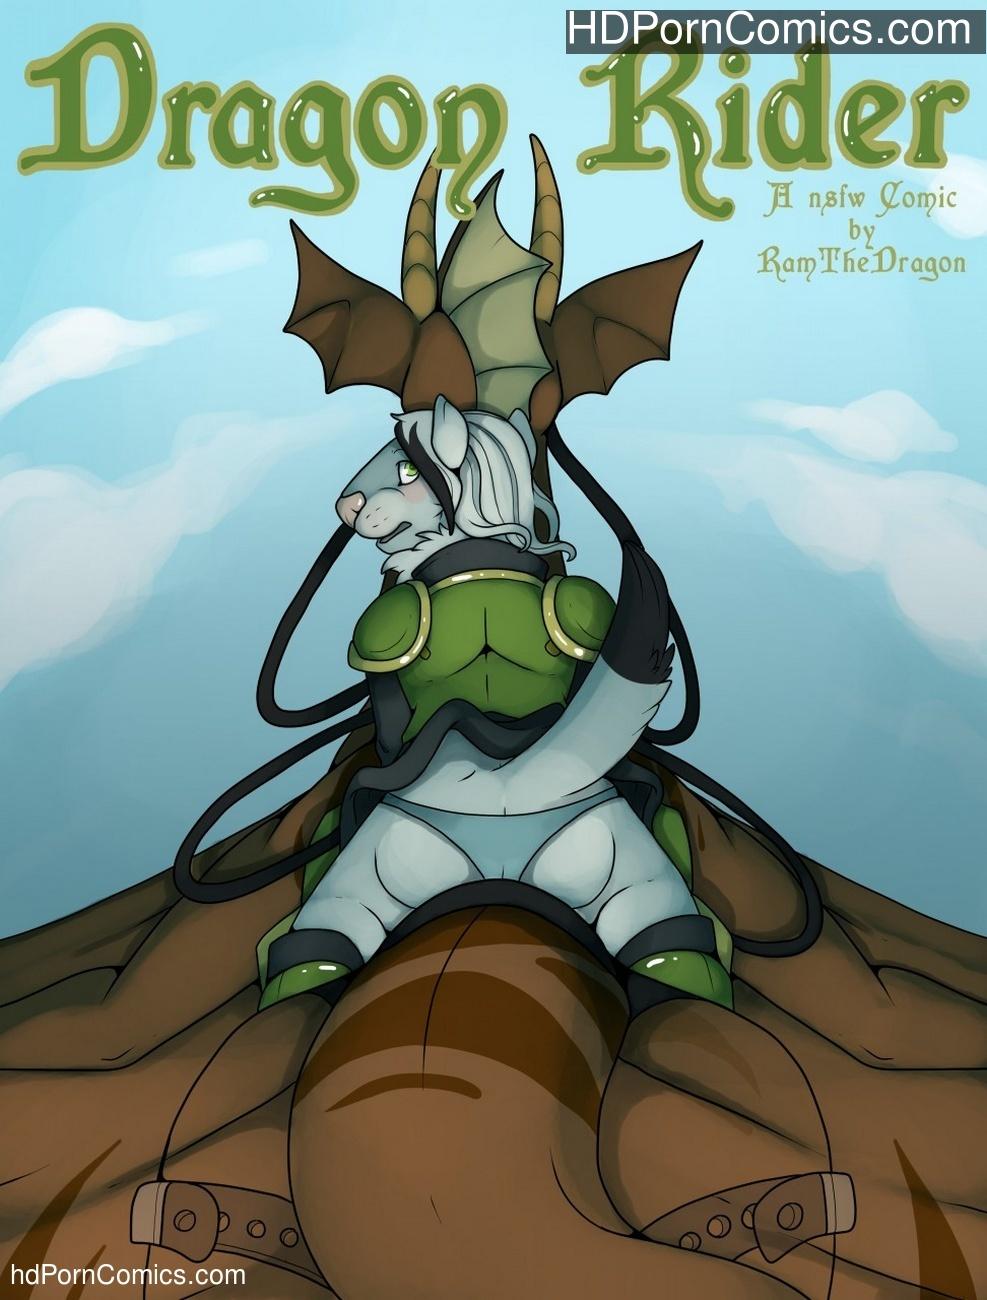 Feral Dragon Porn dragon rider sex comic - hd porn comics